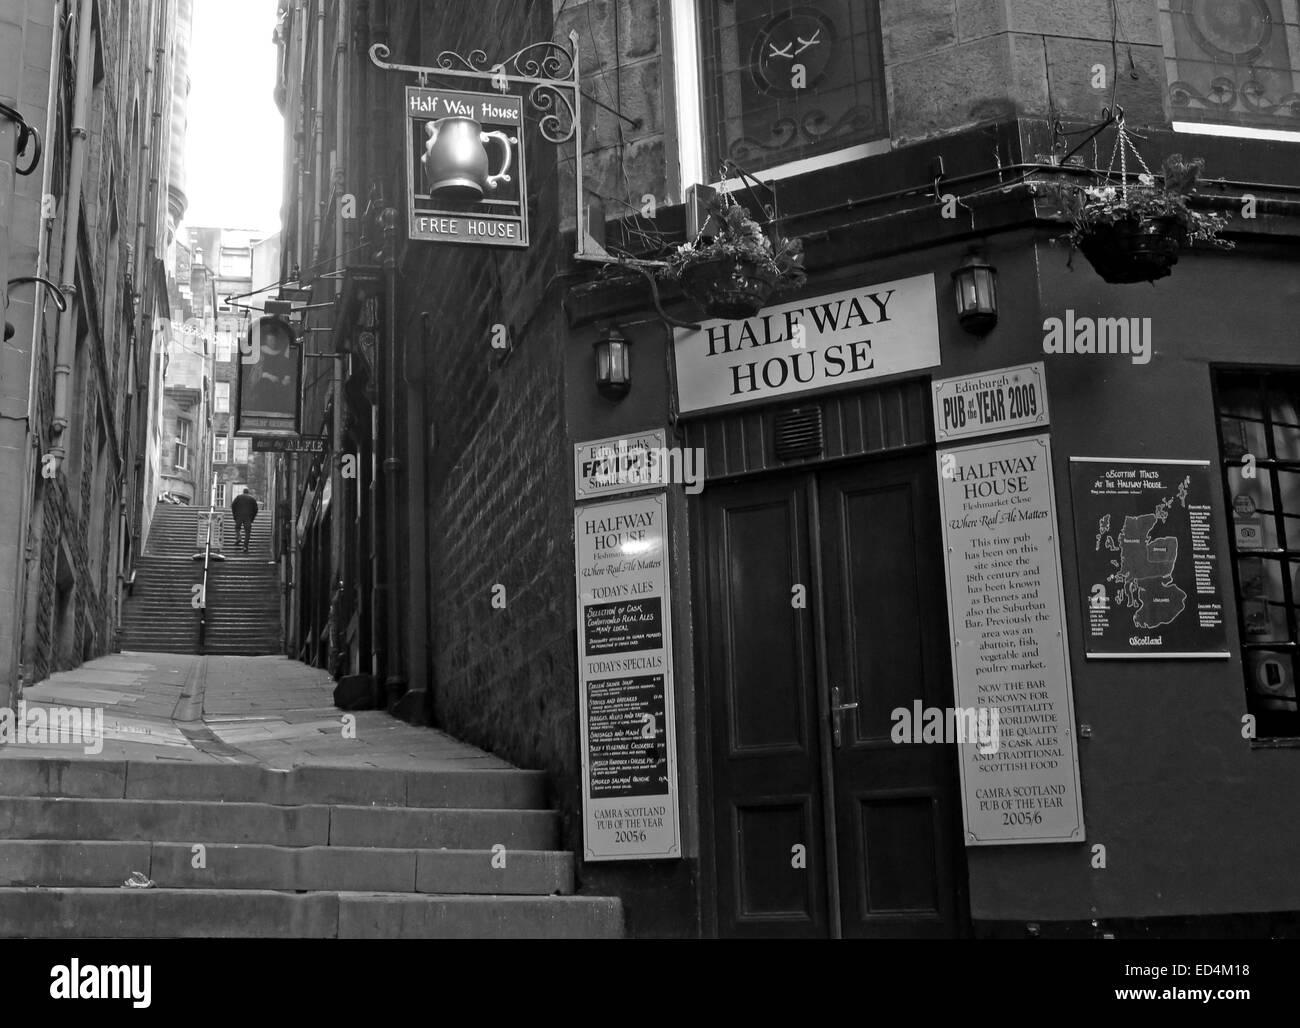 Laden Sie dieses Alamy Stockfoto Halfway House Pub, Fleshmarket in der Nähe, Stadt Edinburgh, Schottland, UK in Monochrom - ED4M18